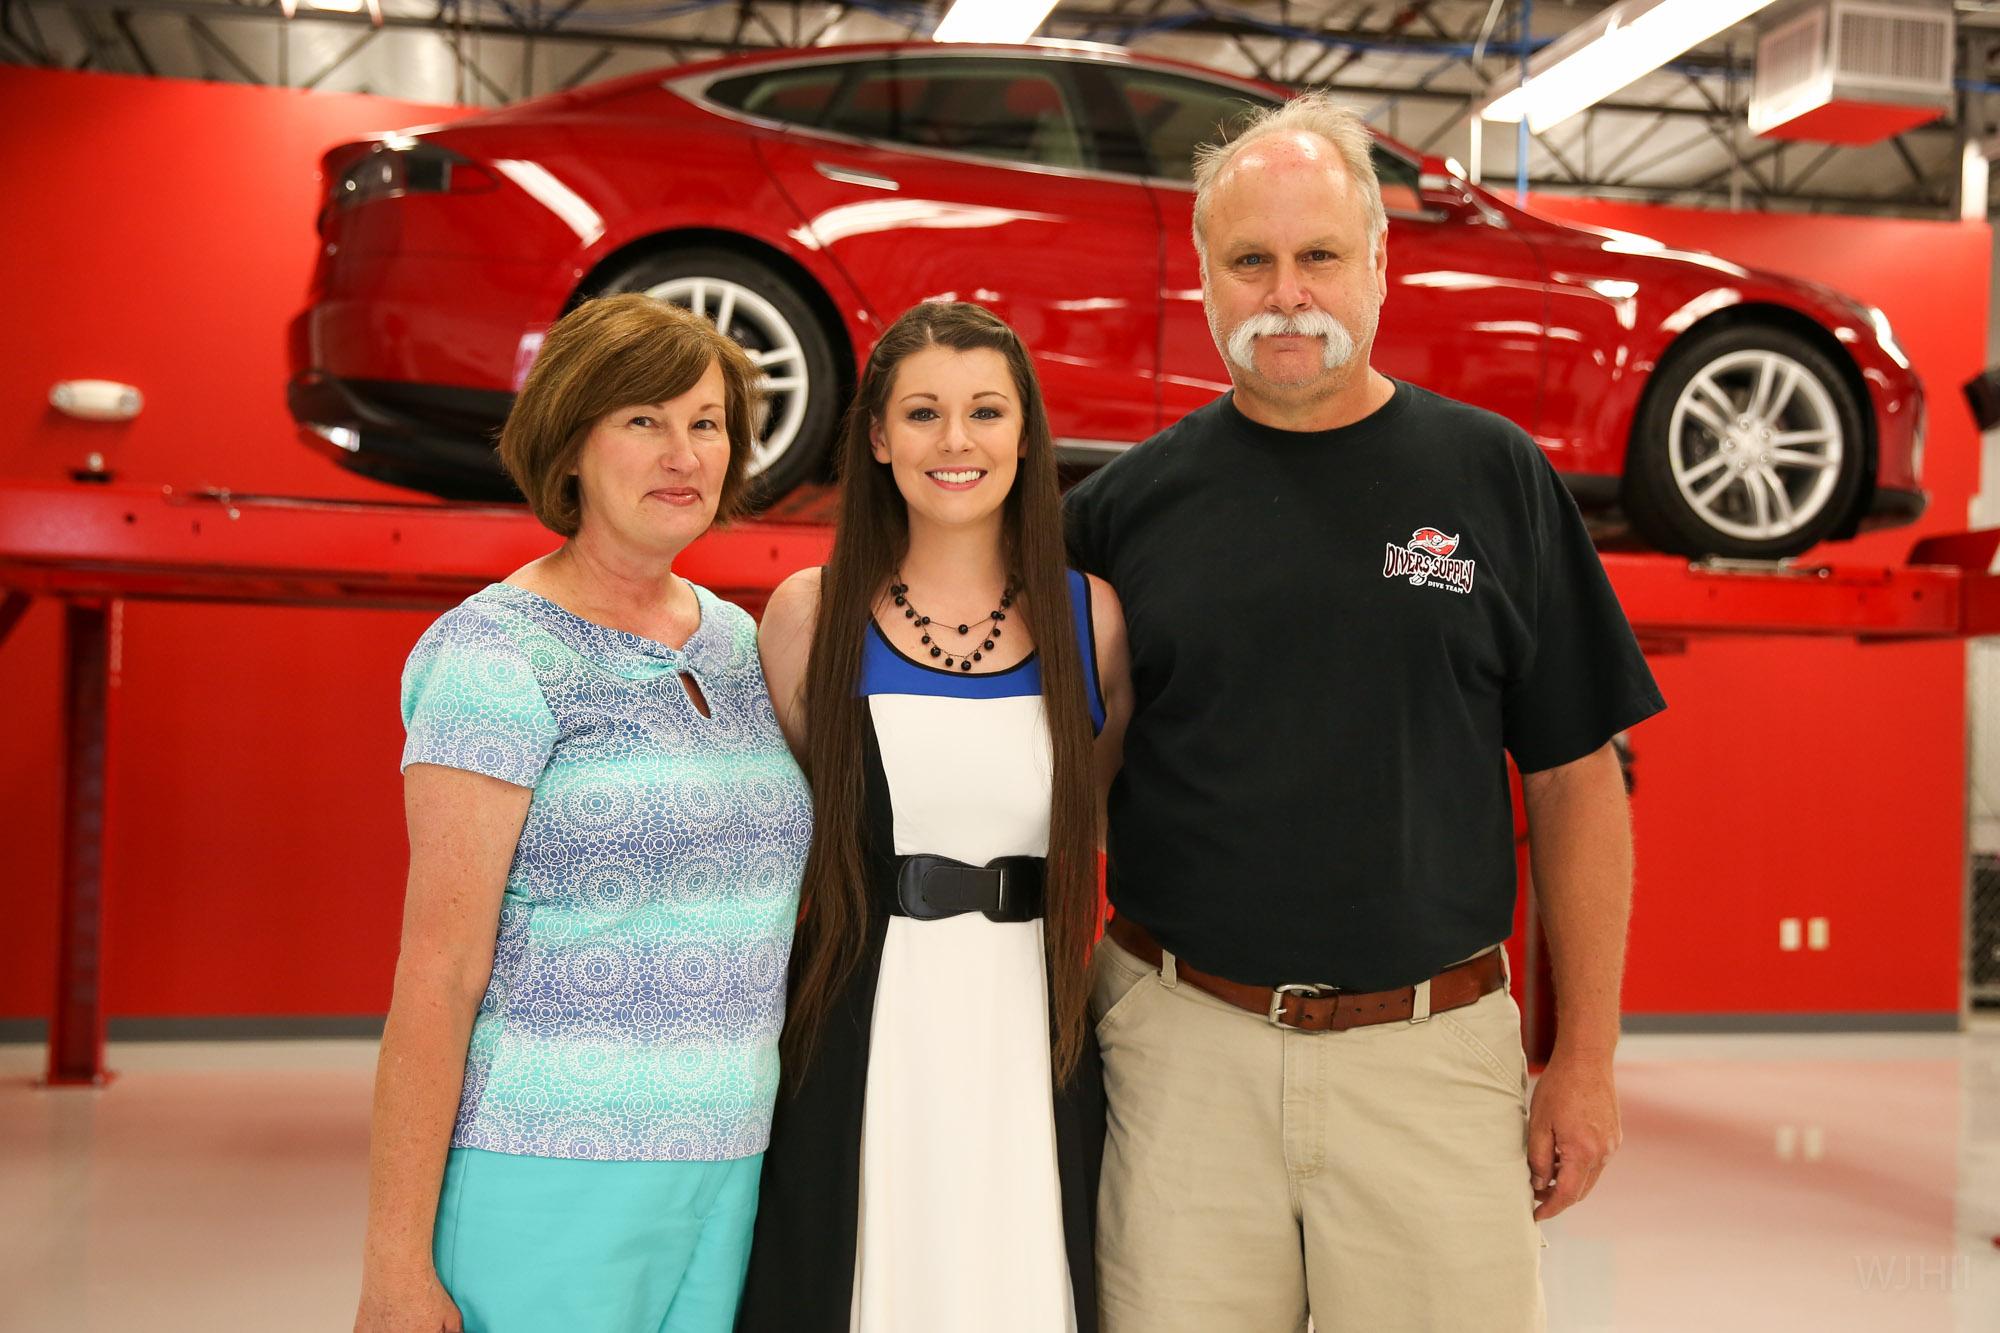 TeslaMotorsClub_Tampa_28APR13_0039.jpg